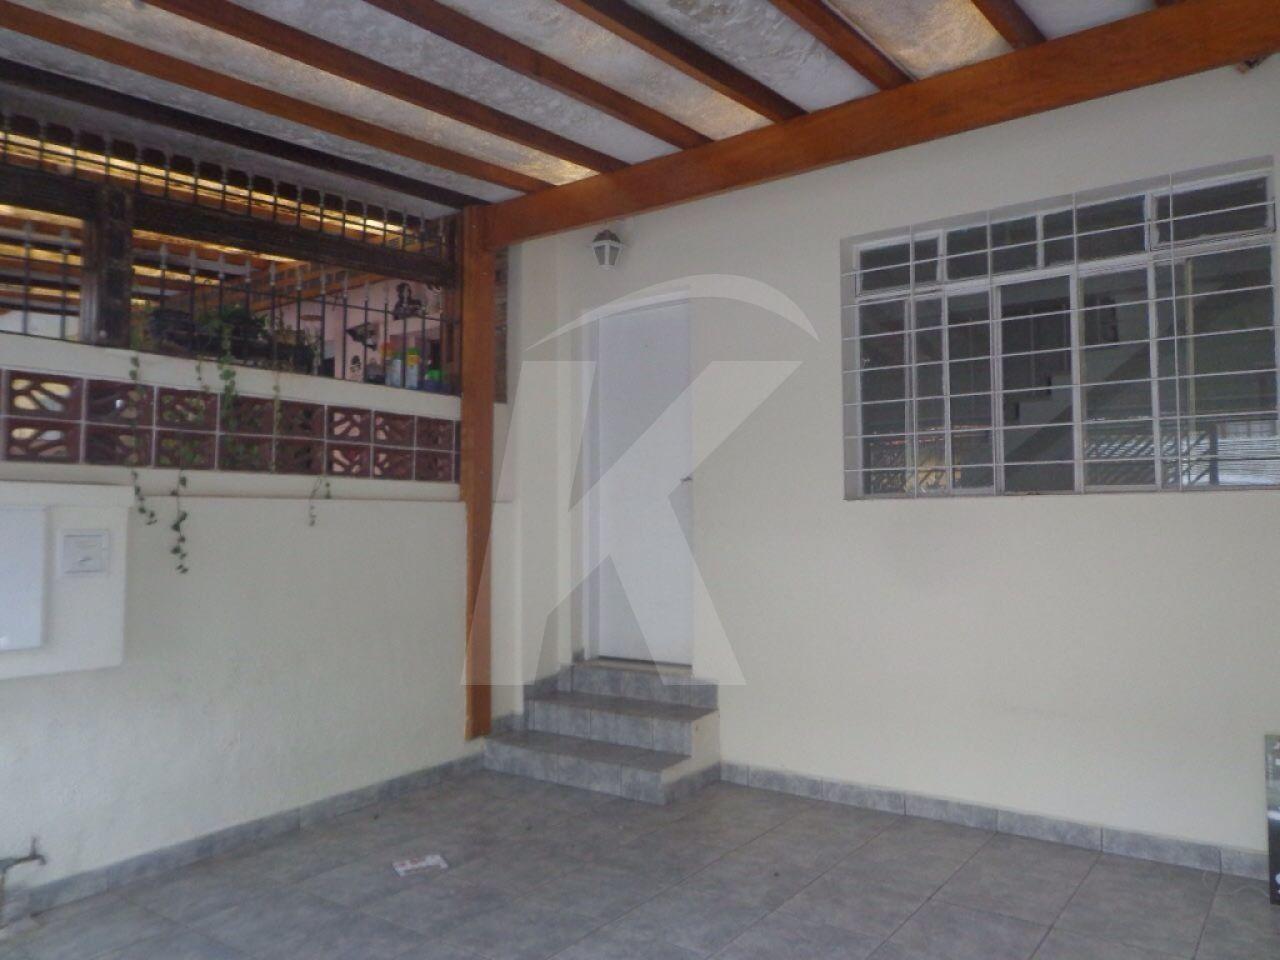 Sobrado Jardim São Paulo(Zona Norte) - 2 Dormitório(s) - São Paulo - SP - REF. KA6539